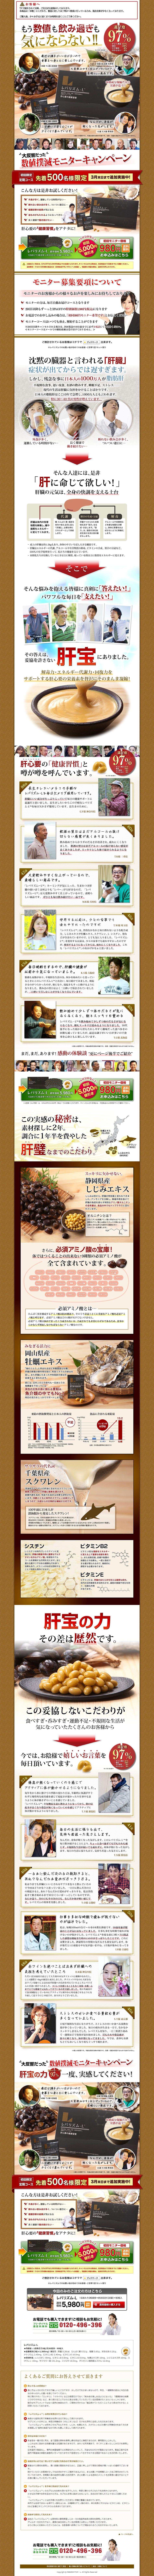 レバリズム-L【健康・美容食品関連】のLPデザイン。WEBデザイナーさん必見!ランディングページのデザイン参考に(力強い系)